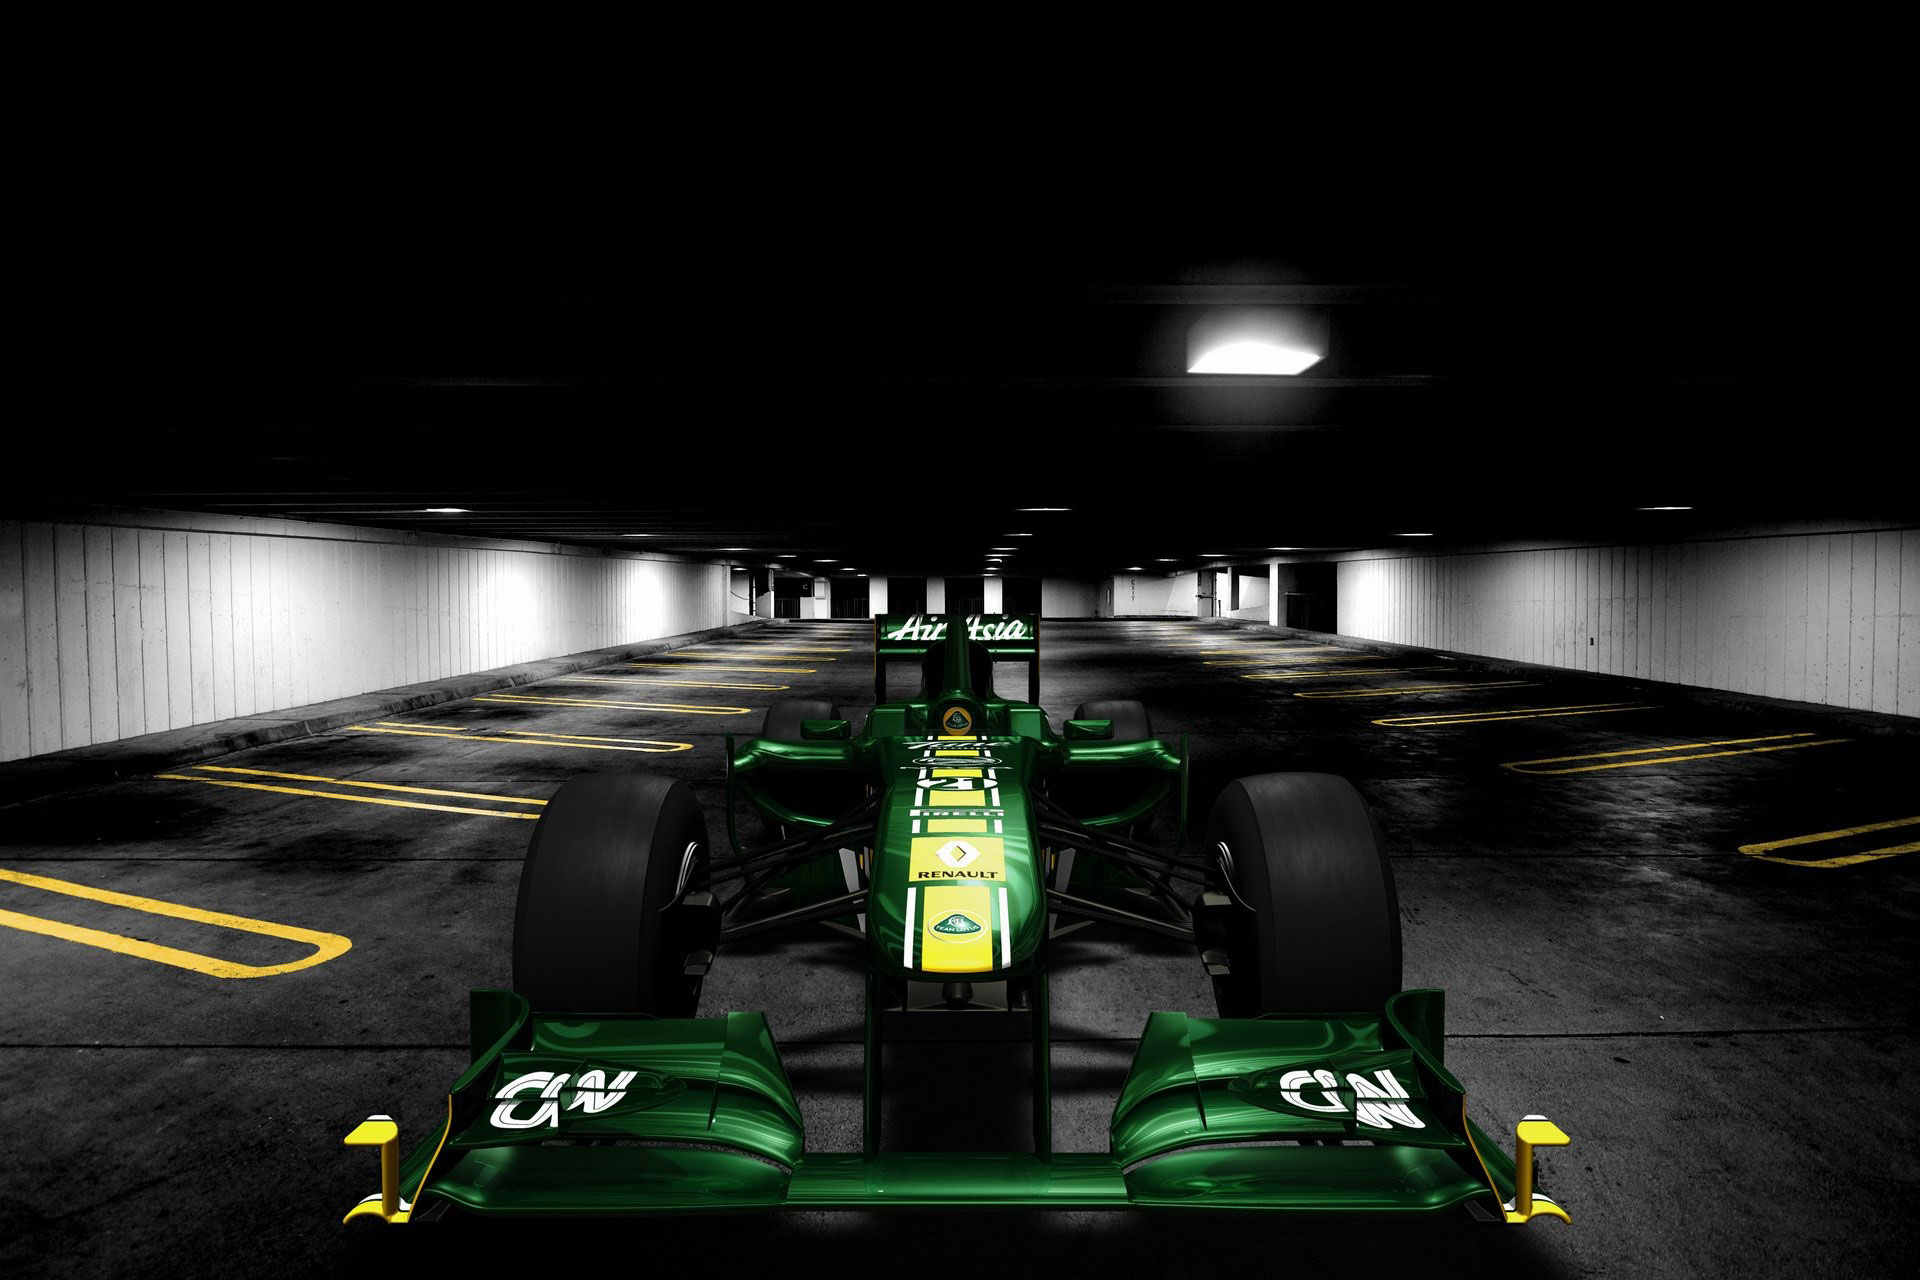 Full Hd Car Wallpapers For Laptop 36 Fantastic Hd Formula 1 Wallpapers